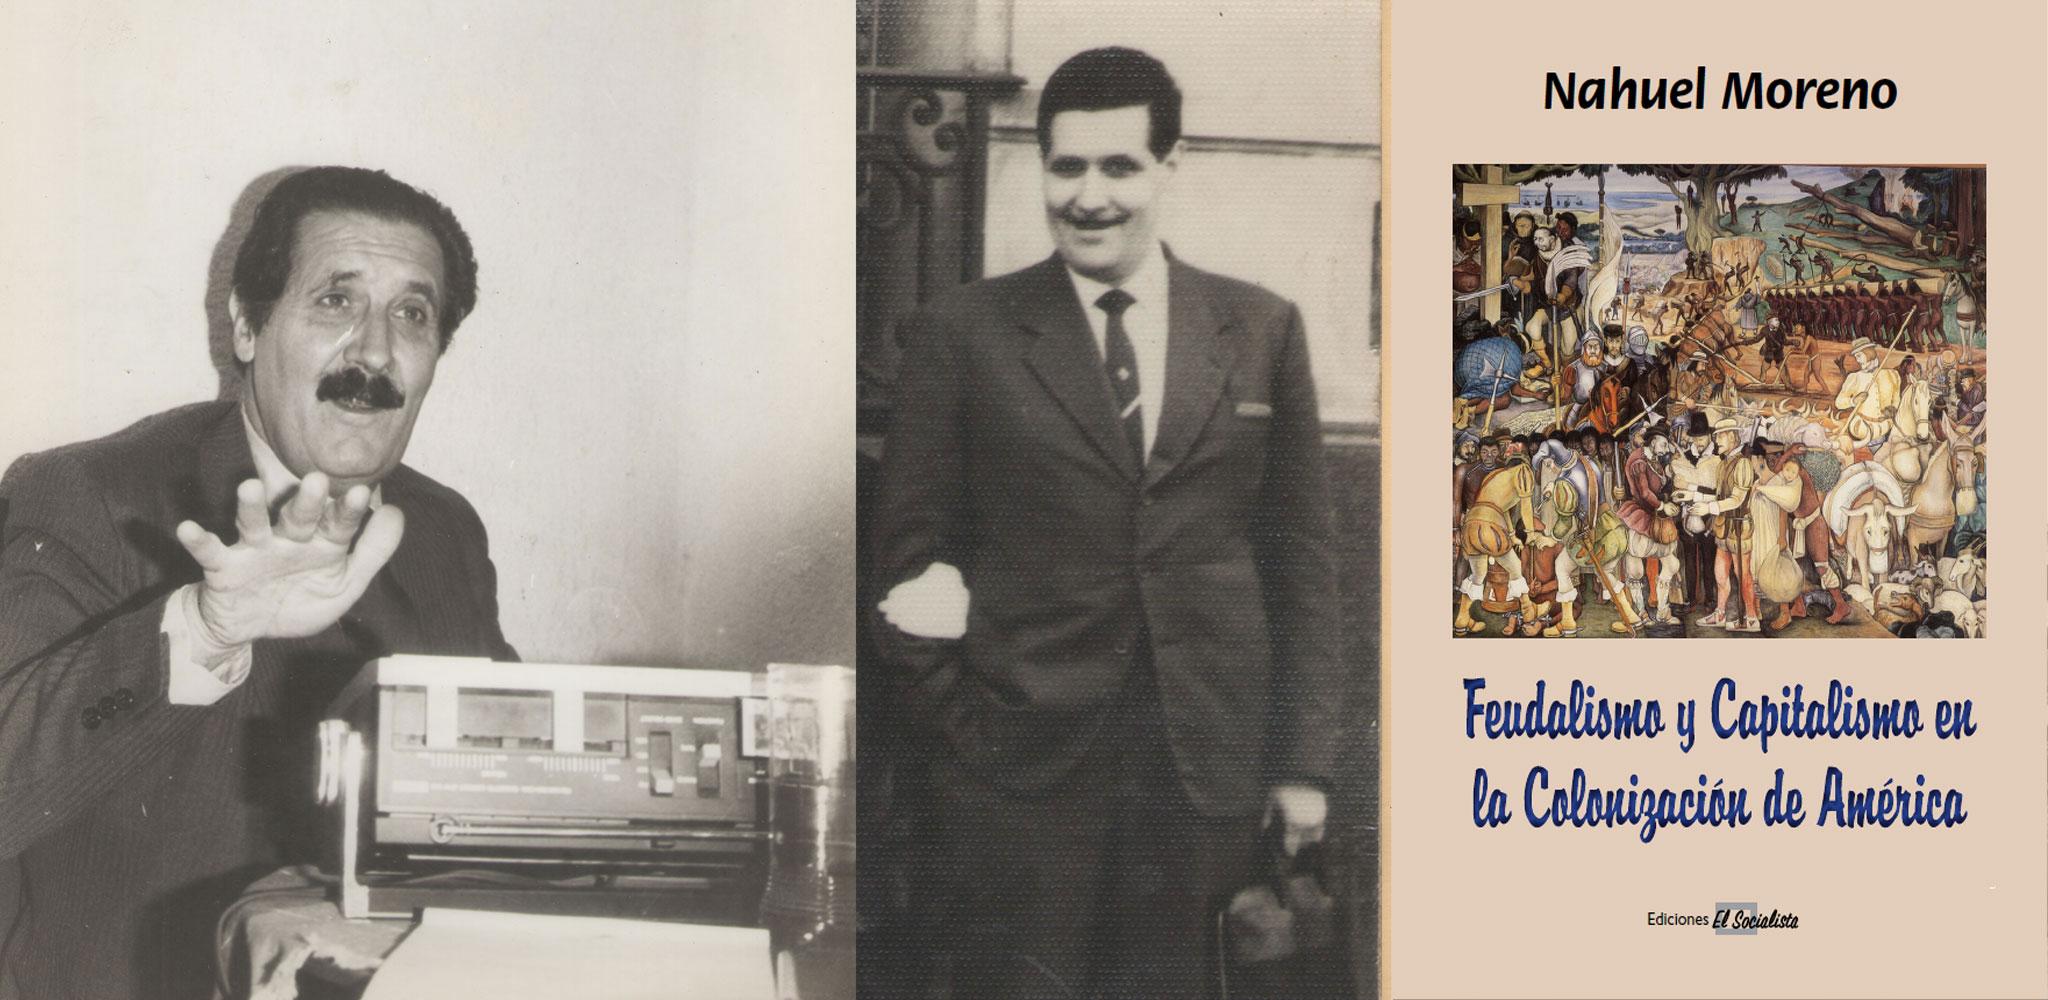 FEUDALISMO Y CAPITALISMO EN LA COLONIZACIÓN DE AMERICA (1948-1971)